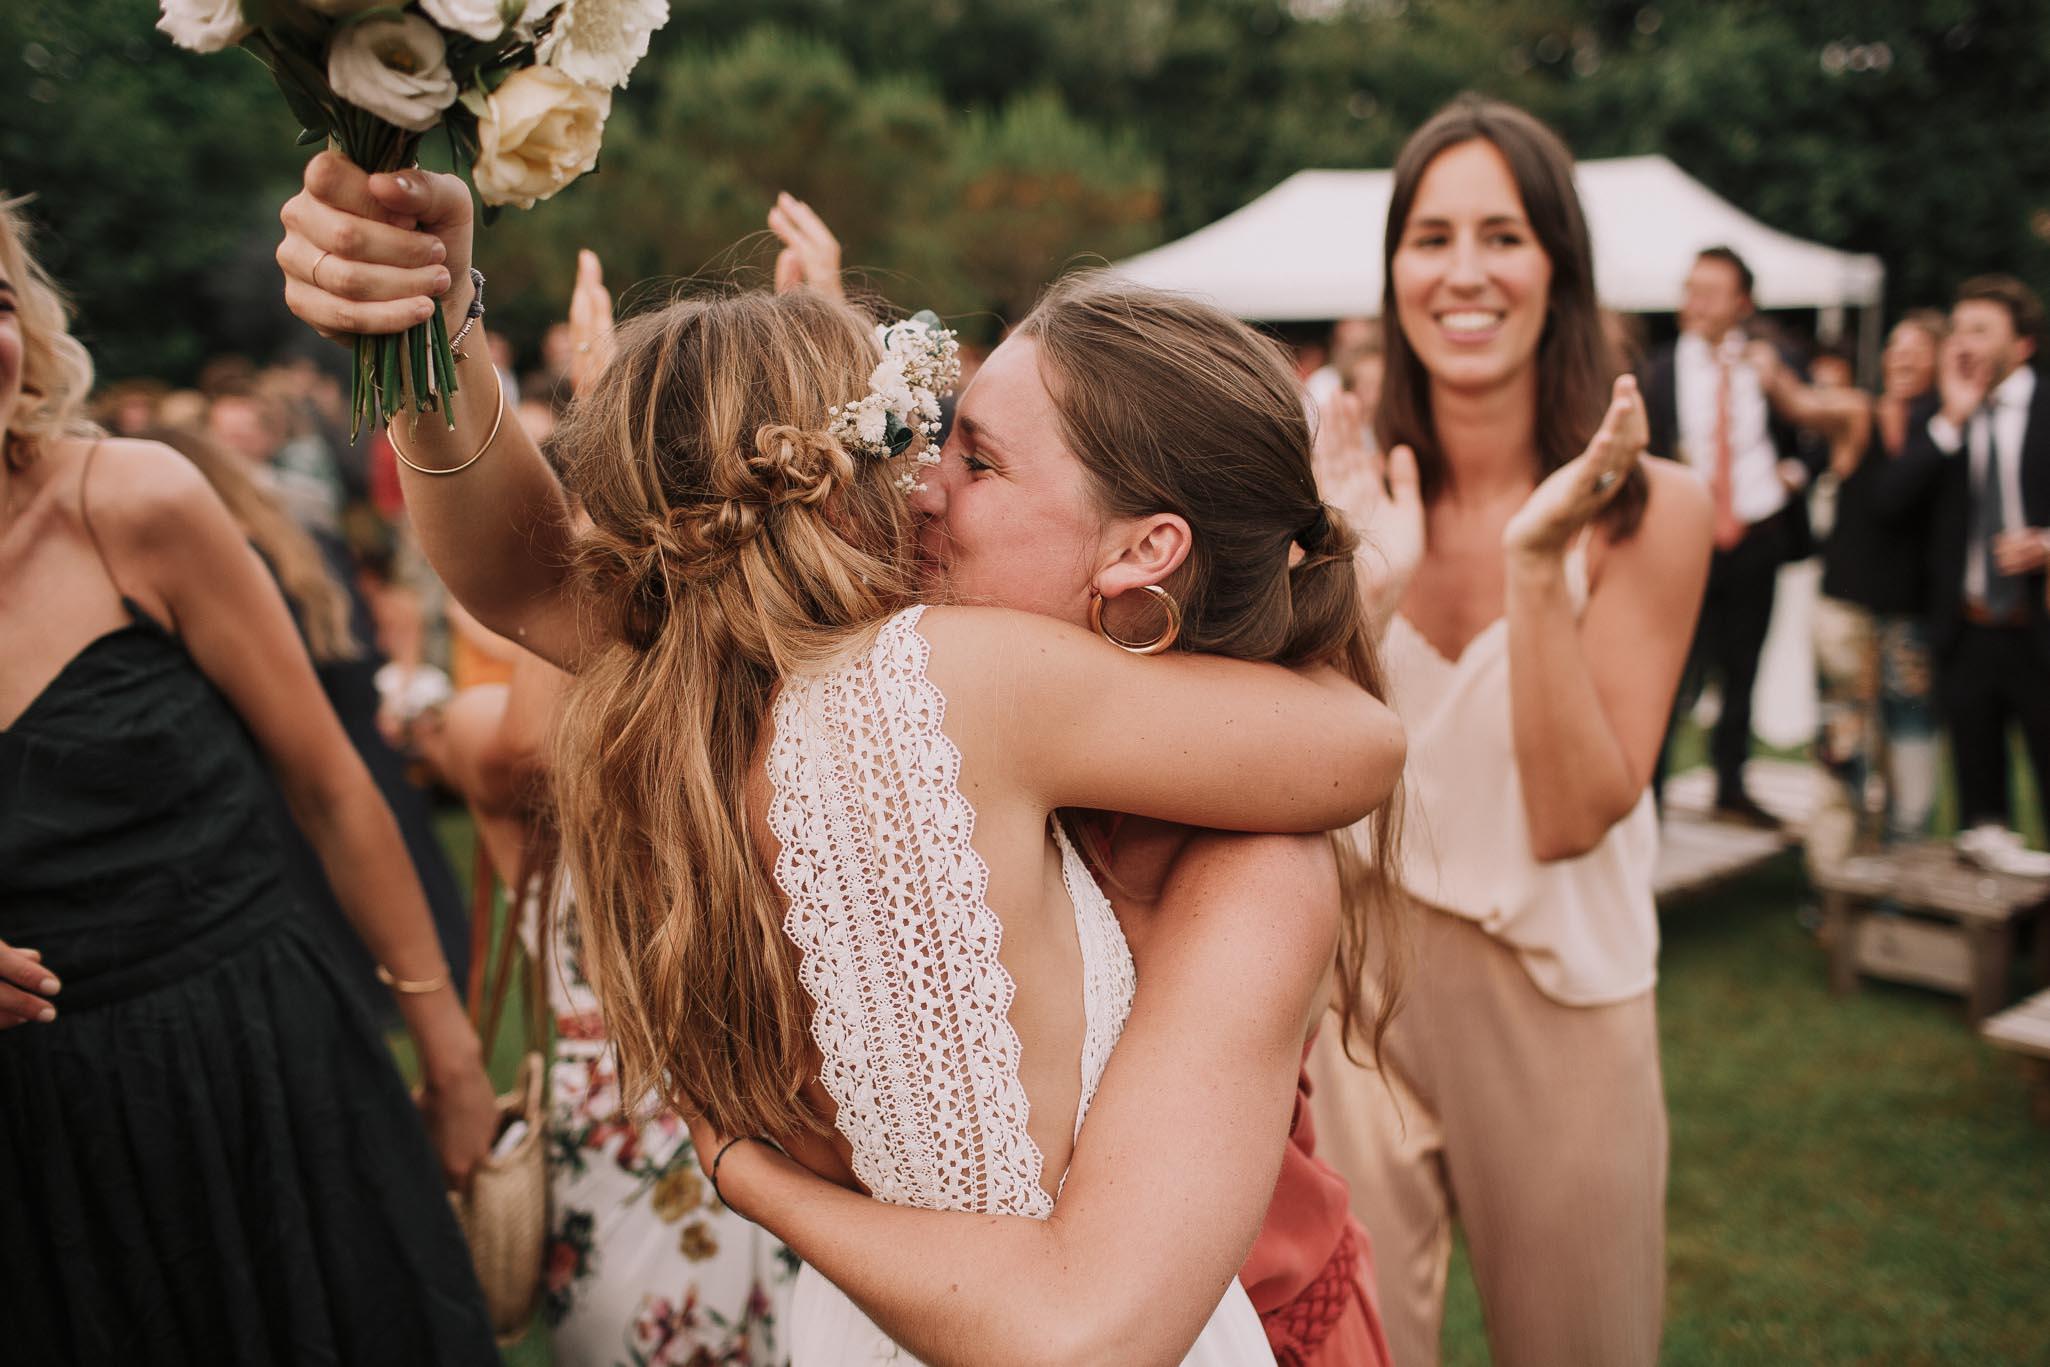 Photographe-mariage-bordeaux-jeremy-boyer-pays-basque-ihartze-artea-sare-robe-eleonore-pauc-couple-amour-142.jpg